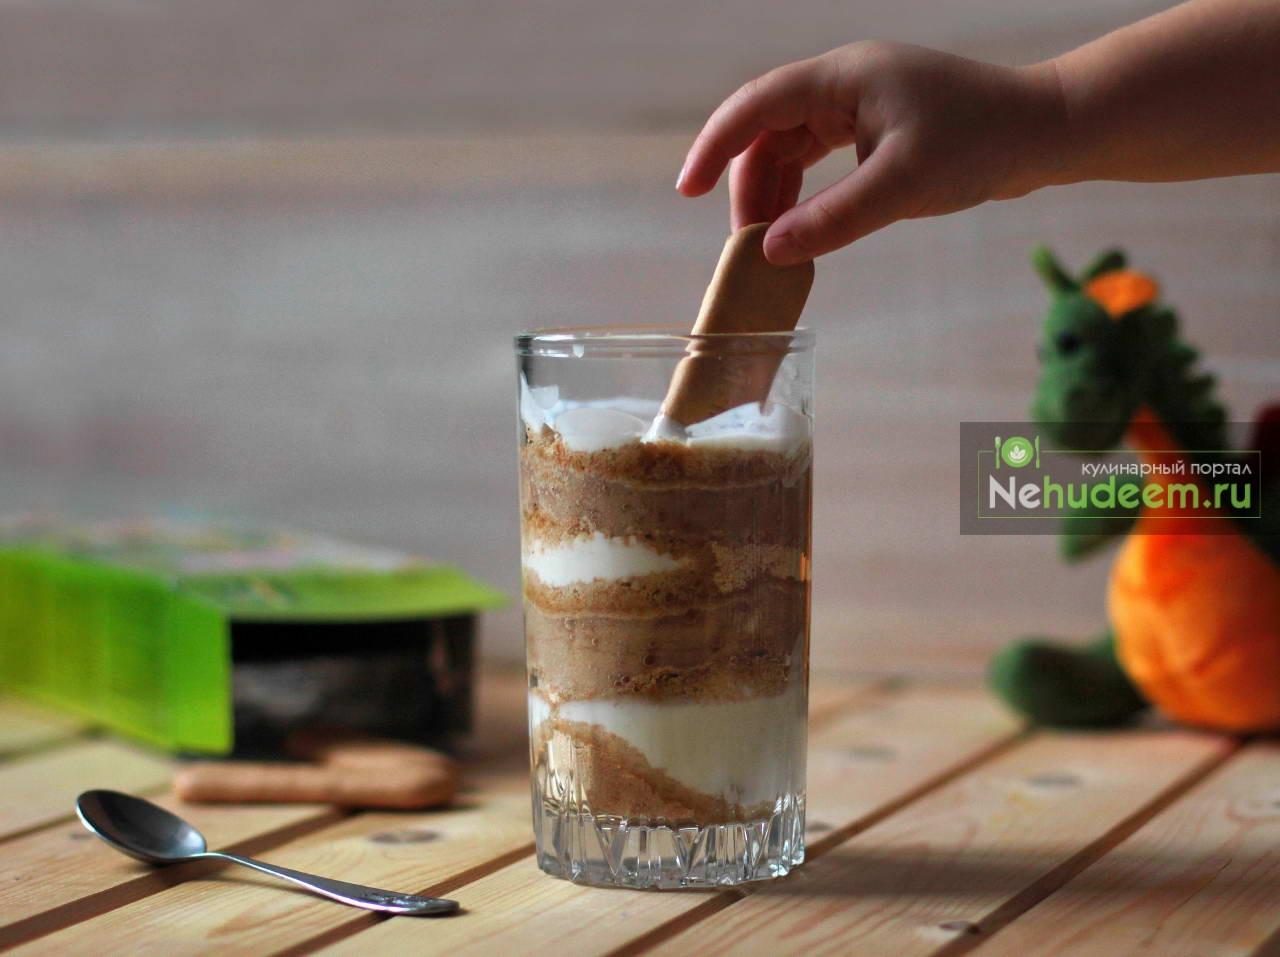 Трайфлы сникерс рецепты с фото пошагово